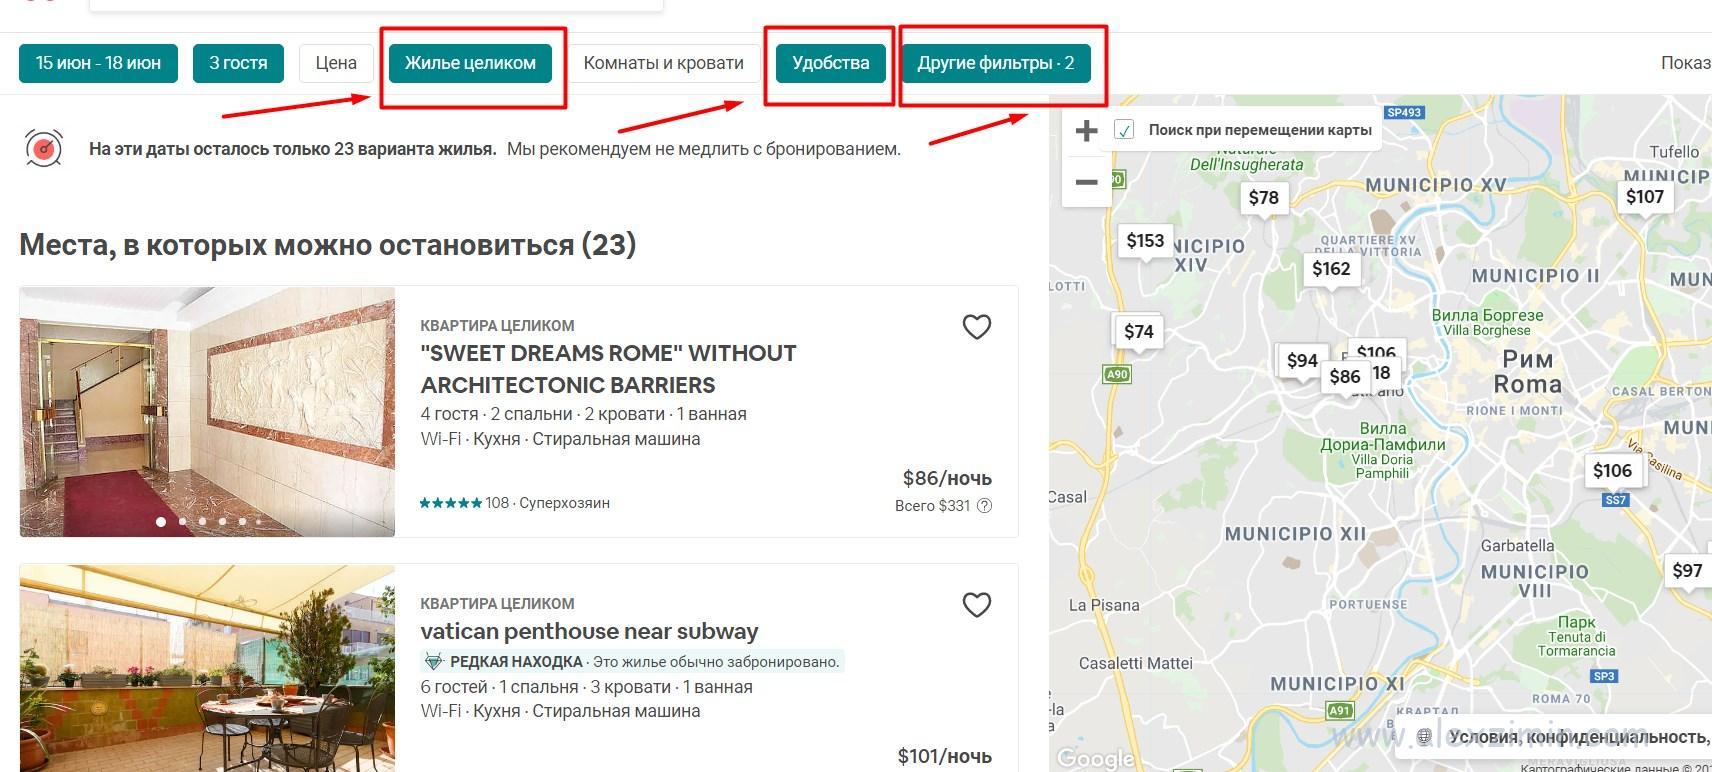 Бронирование жилья на сайте АирБнб Какие фильтры я использую